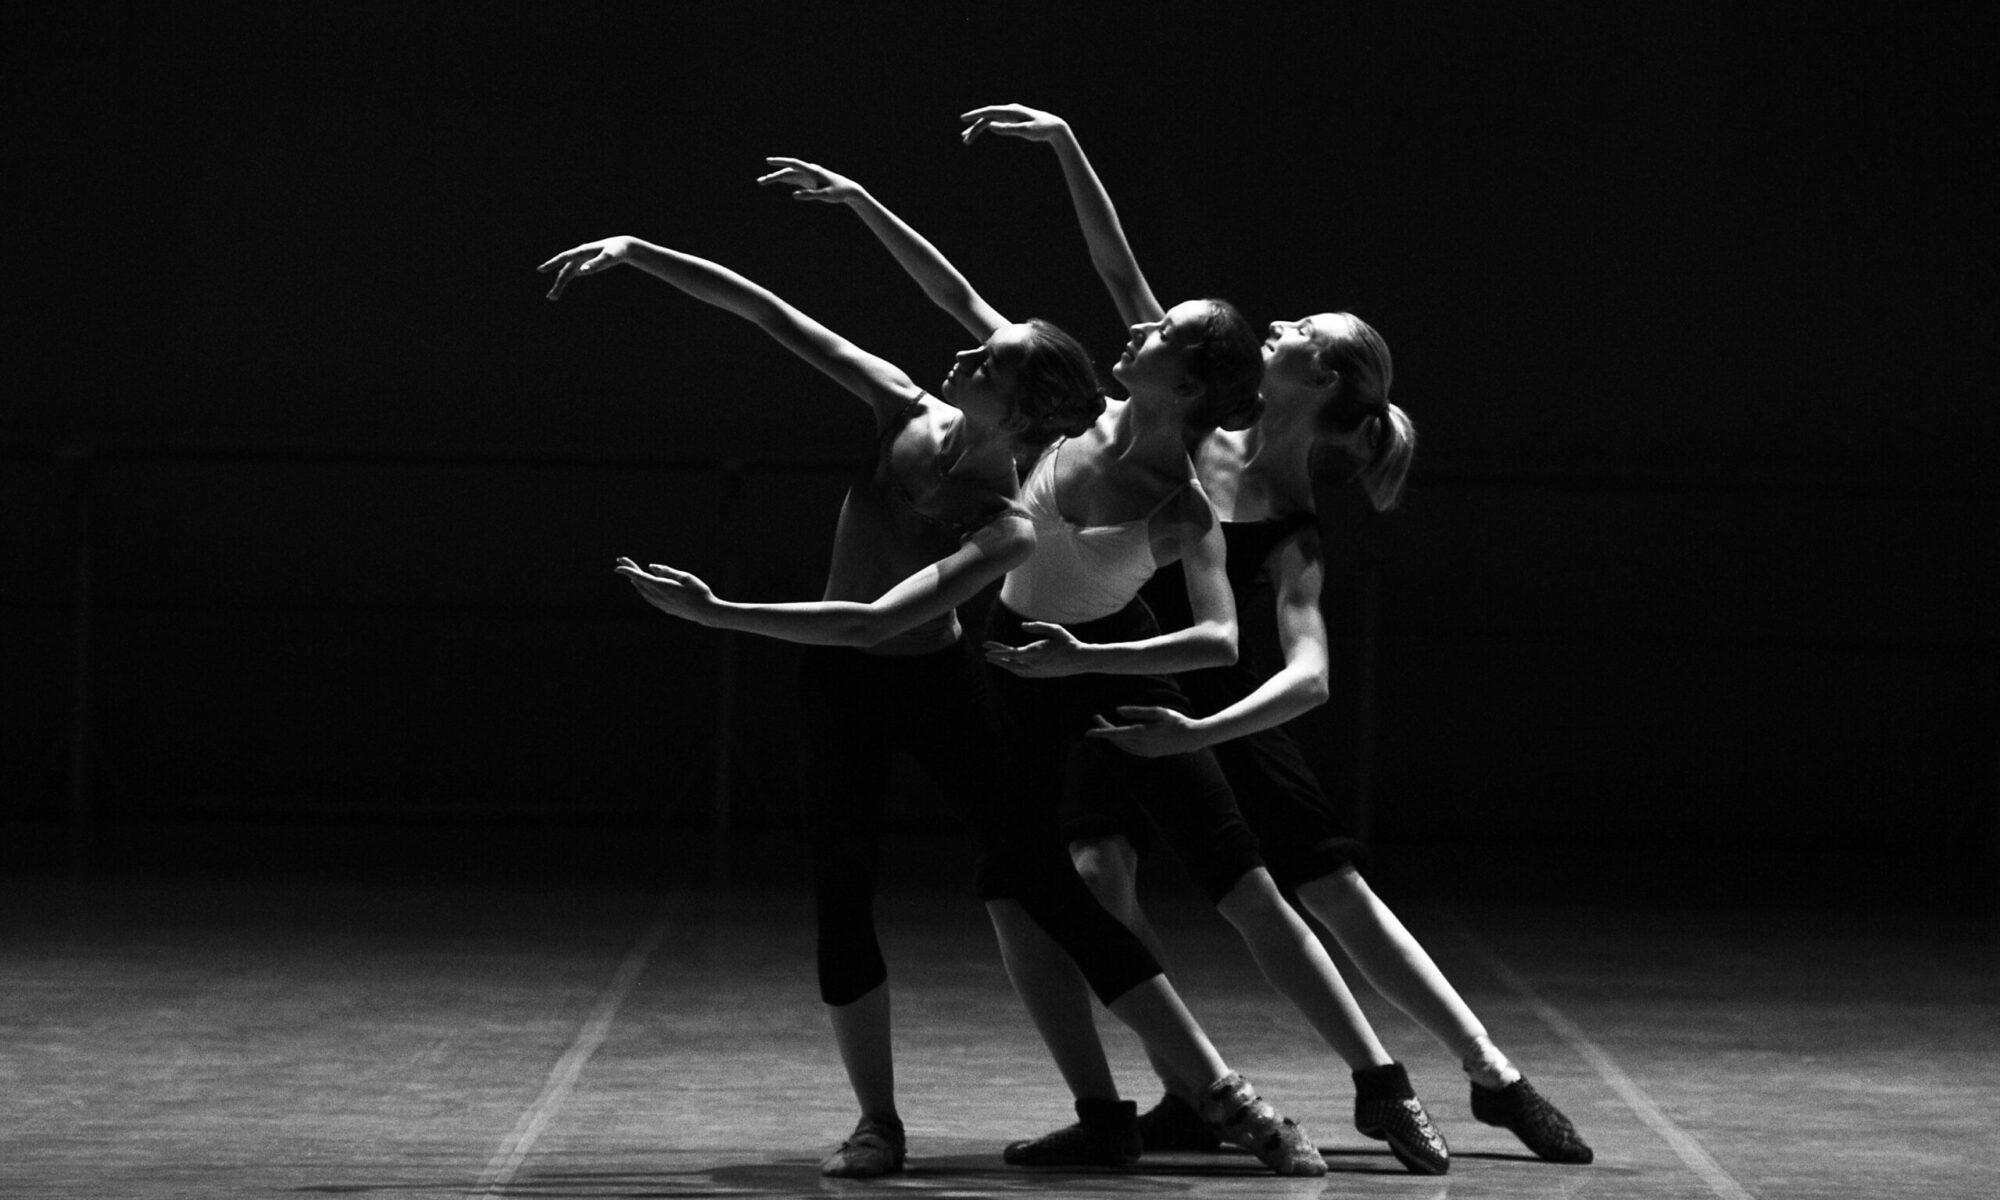 dancecamp.ch